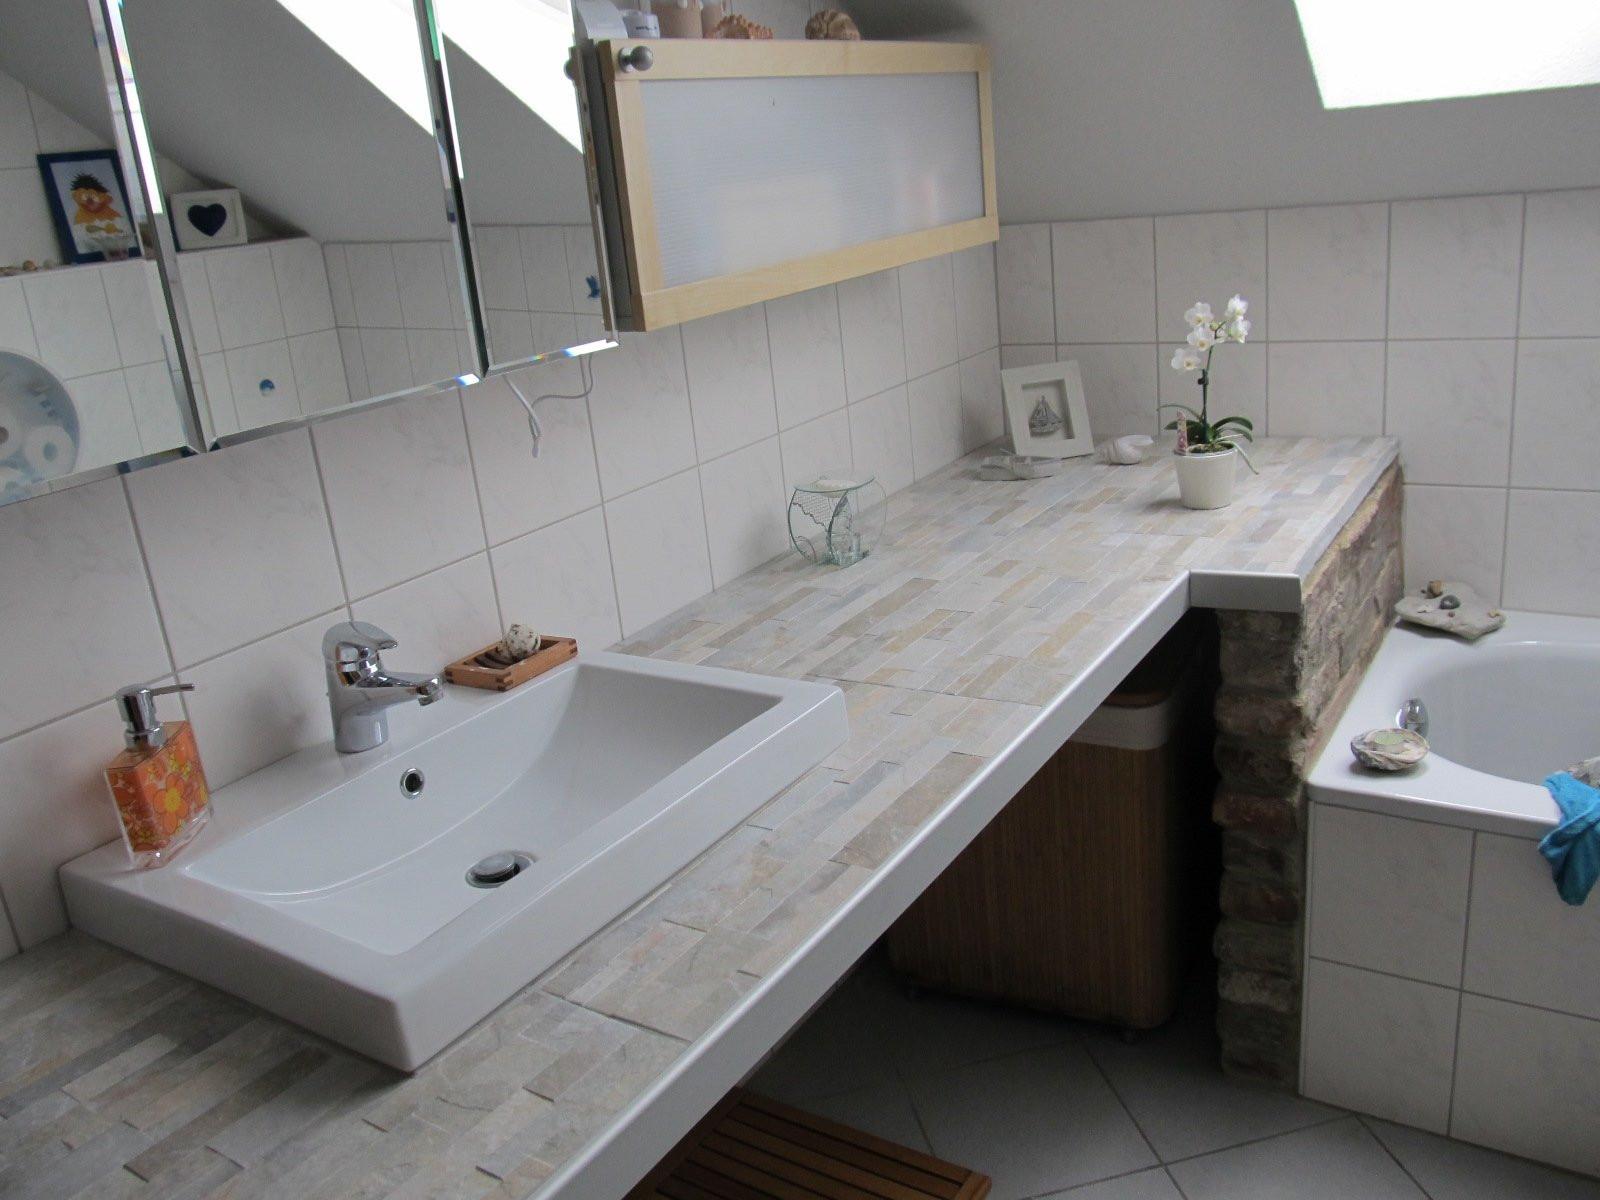 Waschtisch Selber Bauen  waschtisch selber bauen – Deutsche Dekor 2018 – line Kaufen